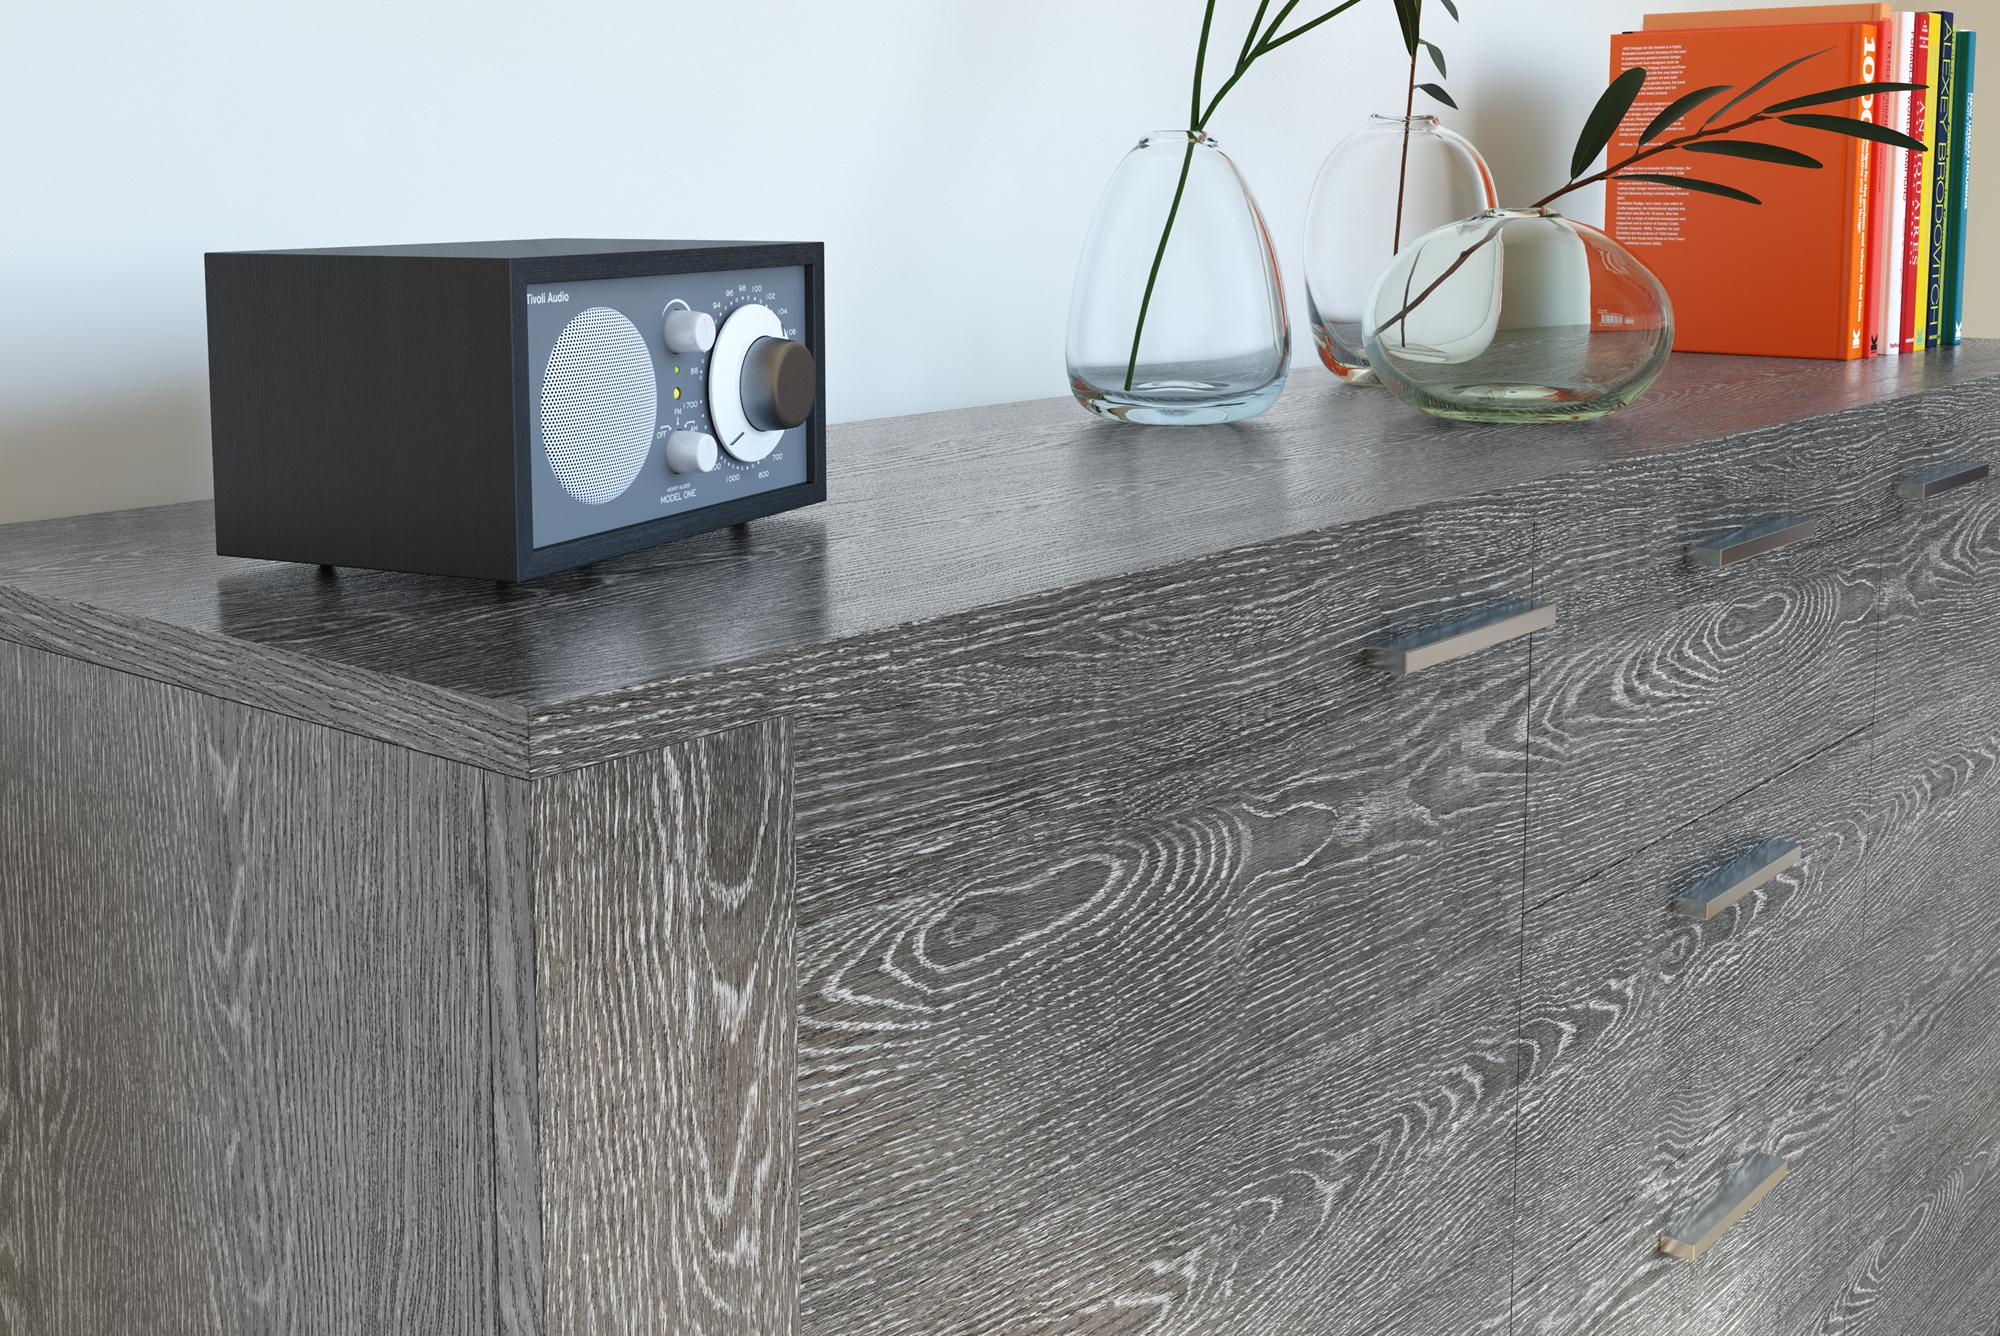 Vendita artesive wd 002 pellicola adesiva rovere grigio - Pellicole adesive per rivestire mobili ...